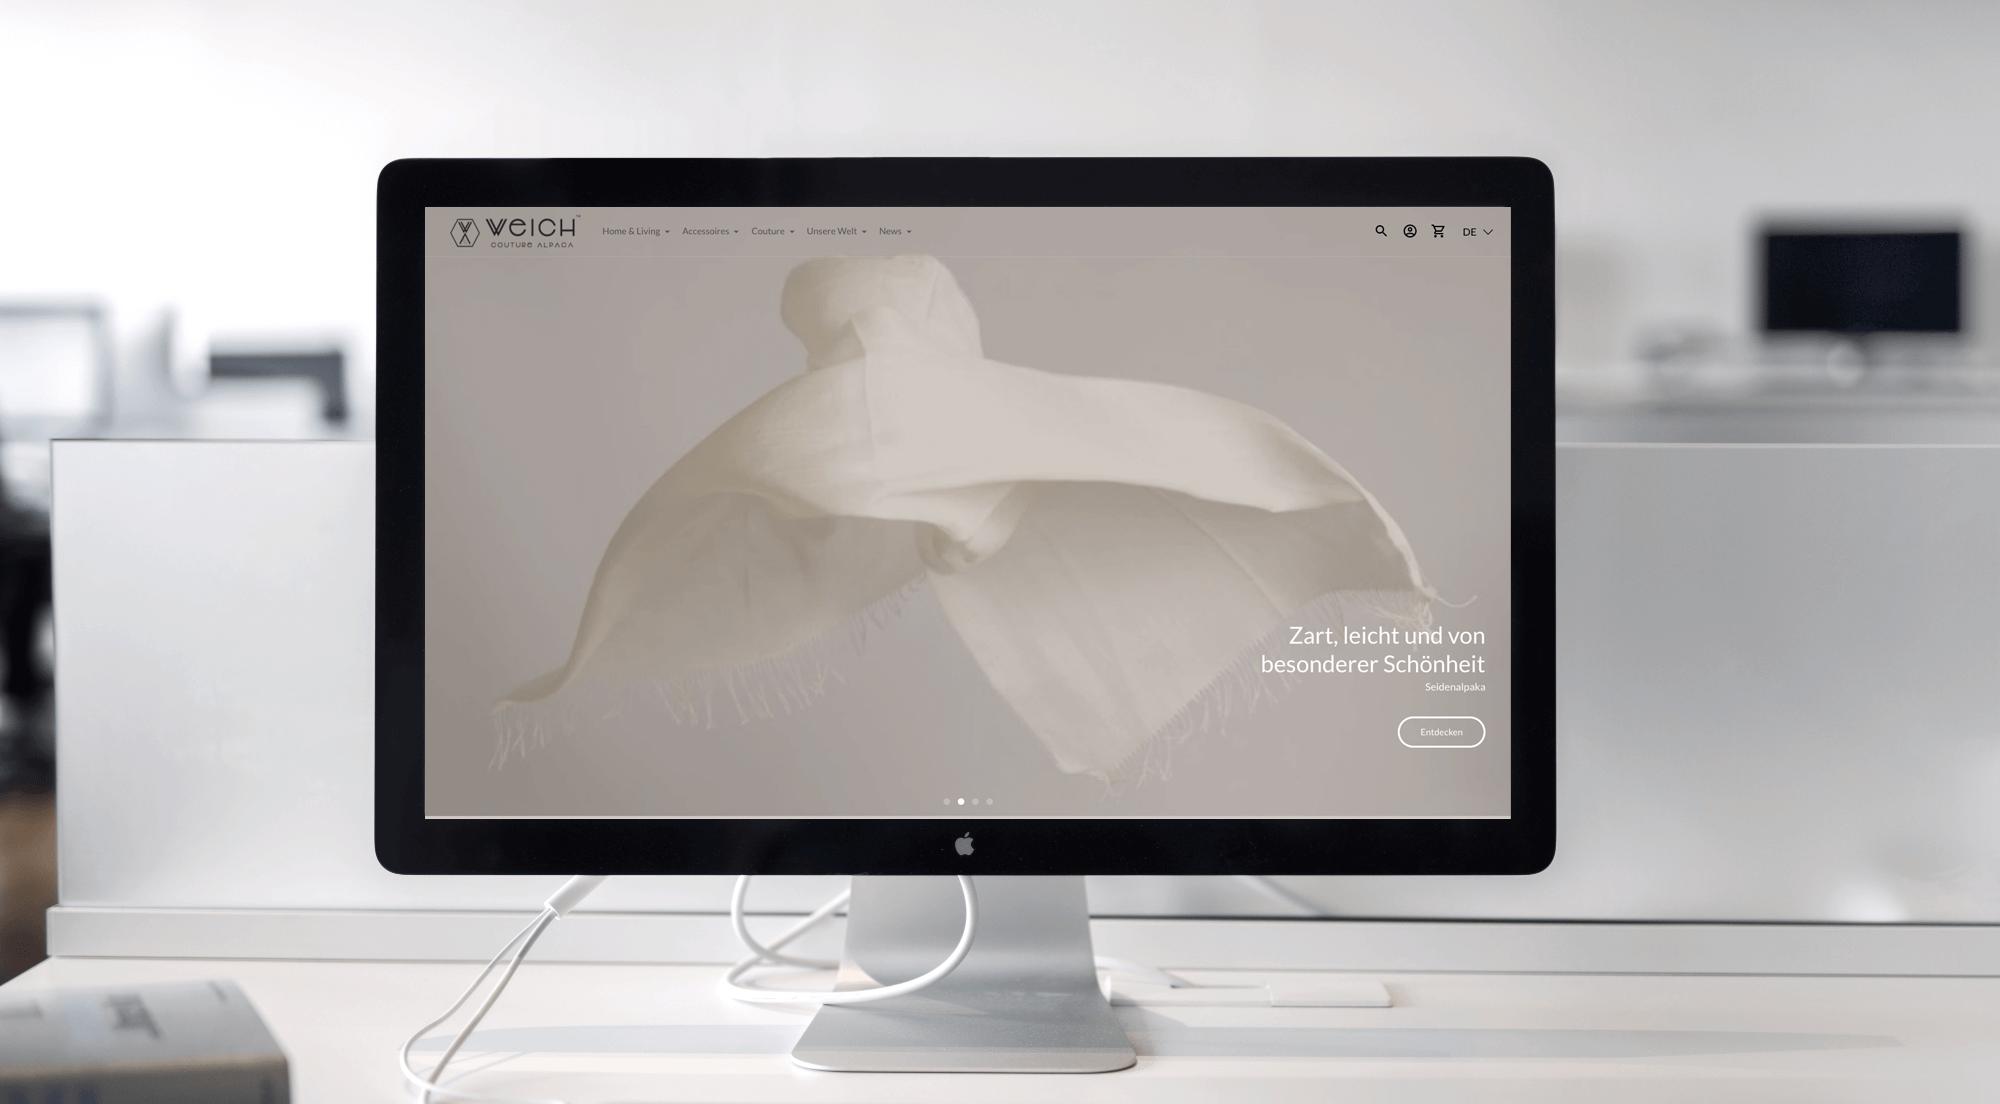 Laptop mit Weich Alpaca Shopify Shop in einem Slider Kundenprojekte